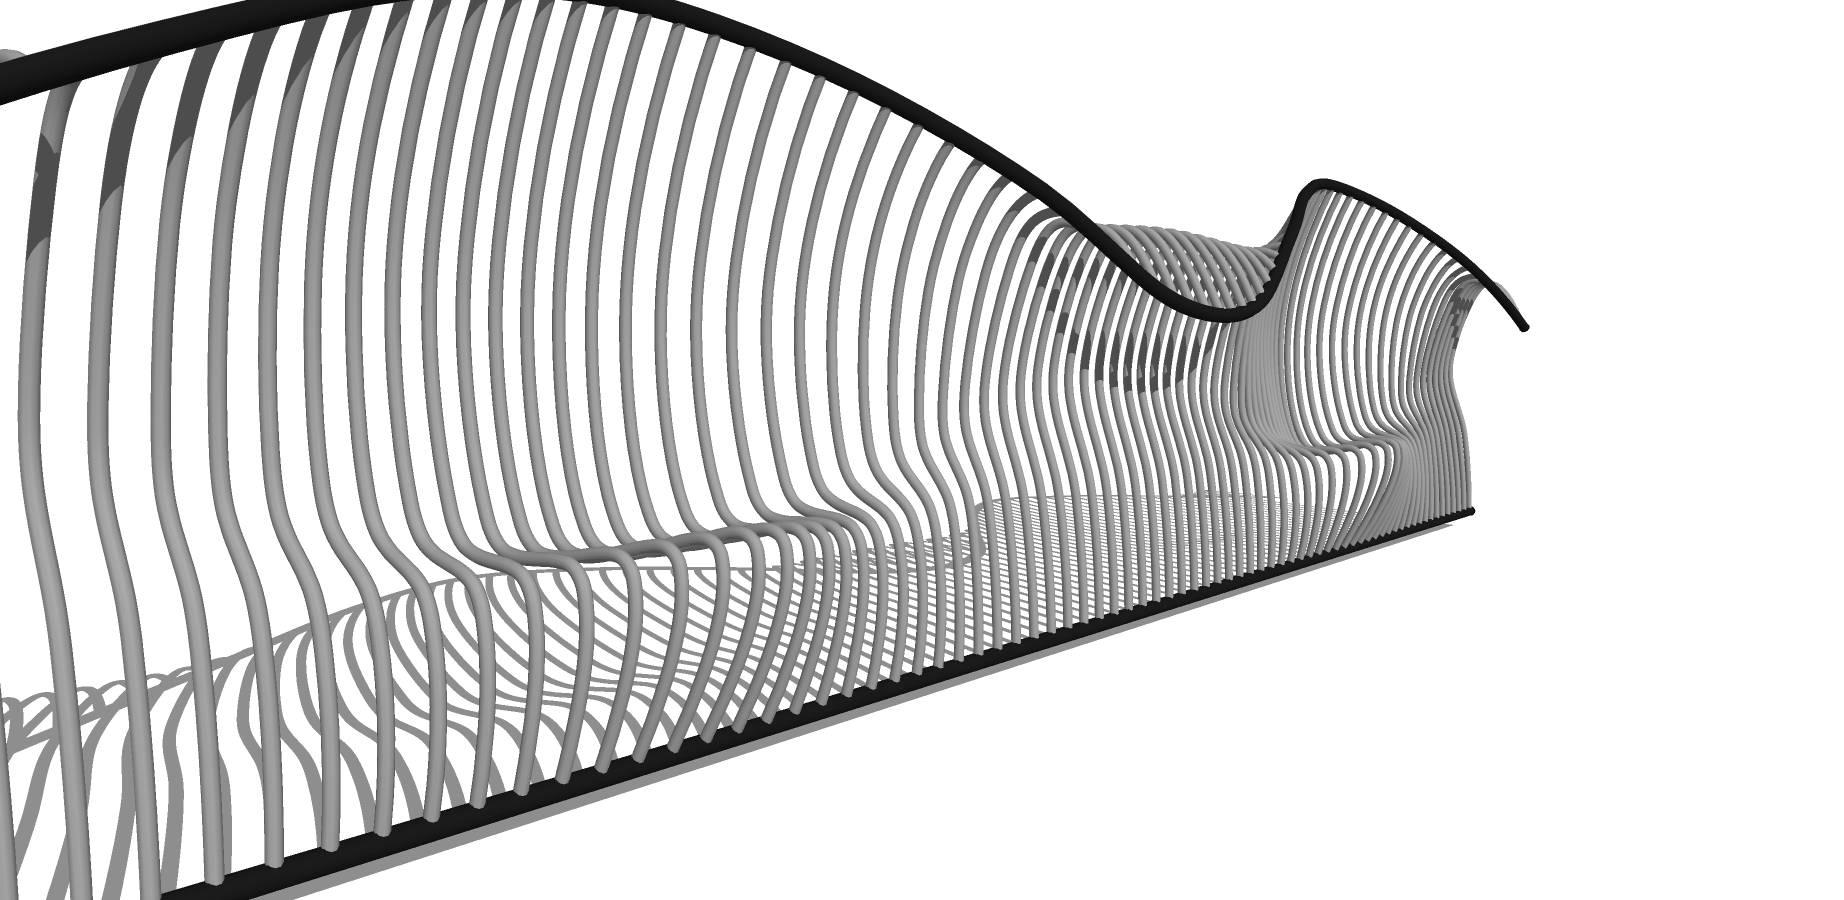 黑色铁艺镂空长凳